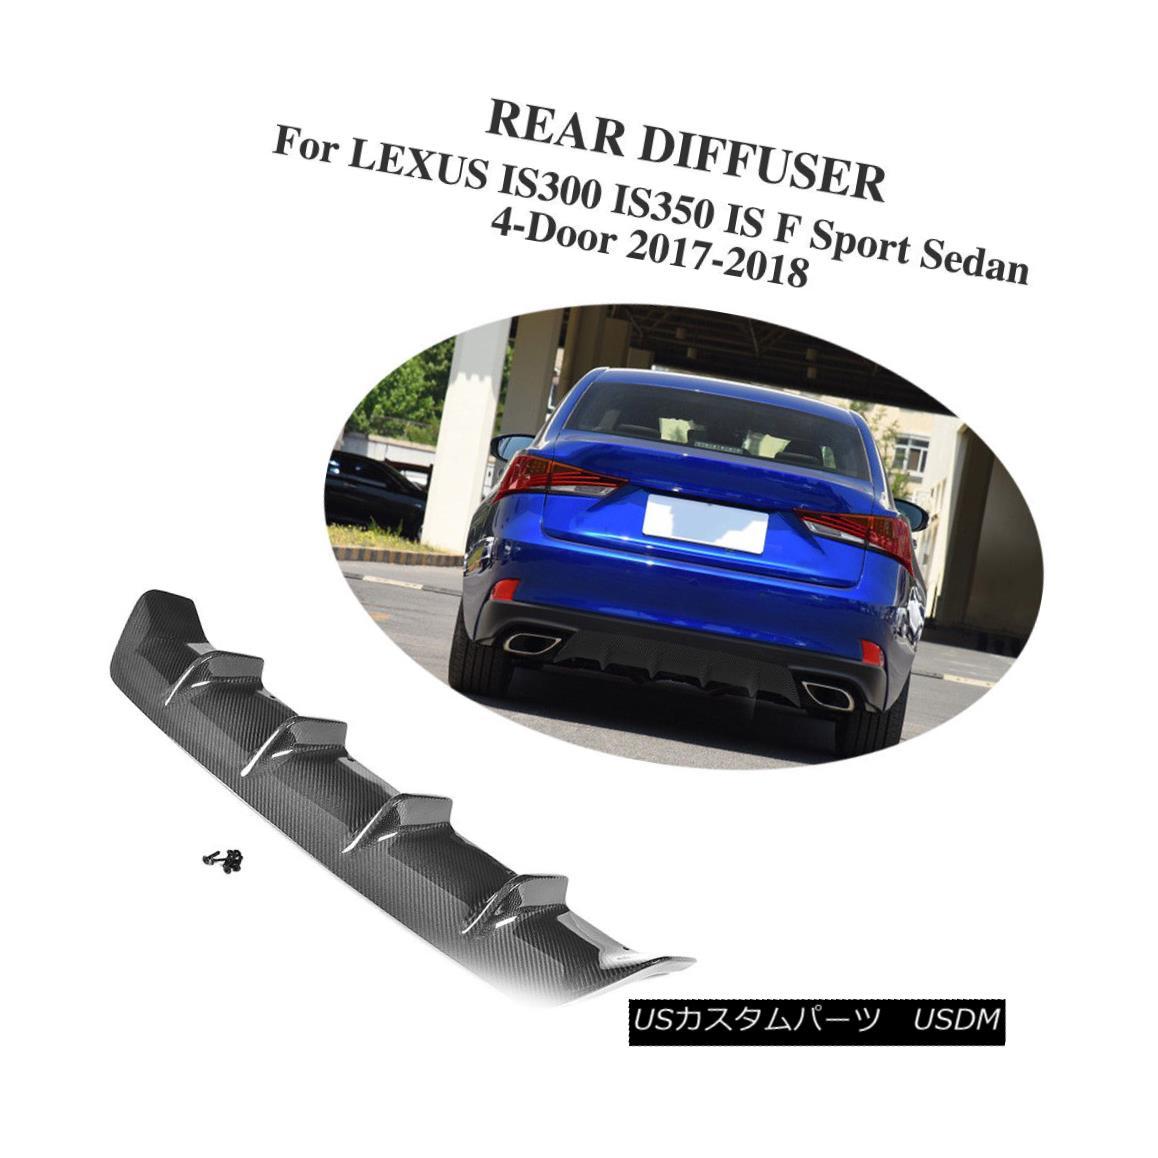 エアロパーツ Carbon Fiber Rear Bumper Lip Diffuser For Lexus IS300 IS350 Sport Sedan 4D 17-18 レクサスIS300 IS350スポーツ用炭素繊維リアバンパーリップディフューザーセダン4D 17-18